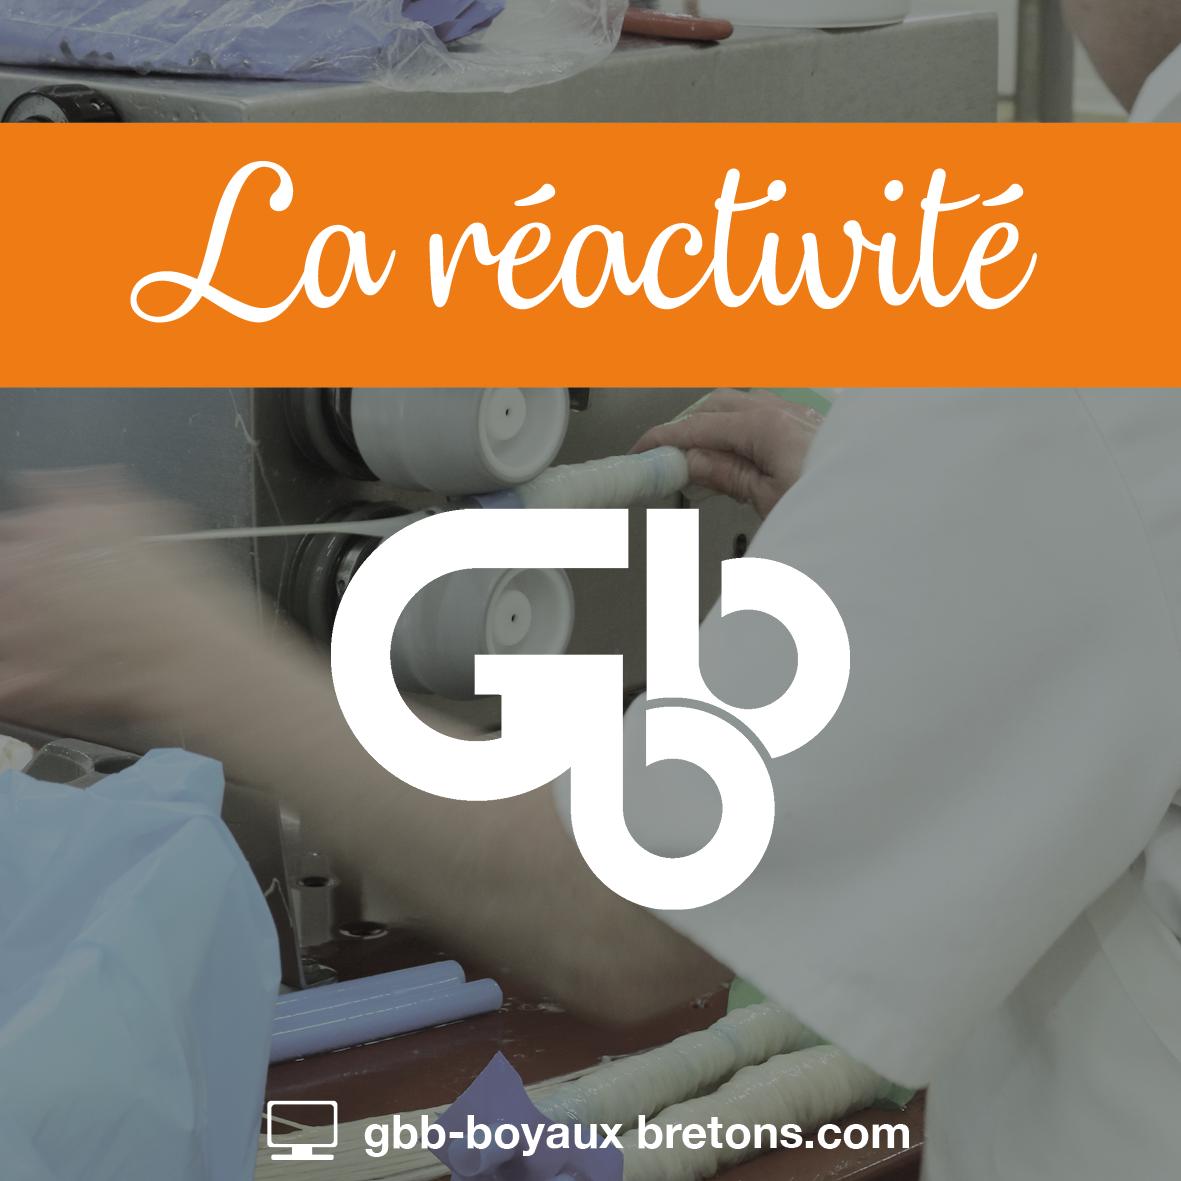 GBB Boyaux Bretons - Nos valeurs : la réactivité